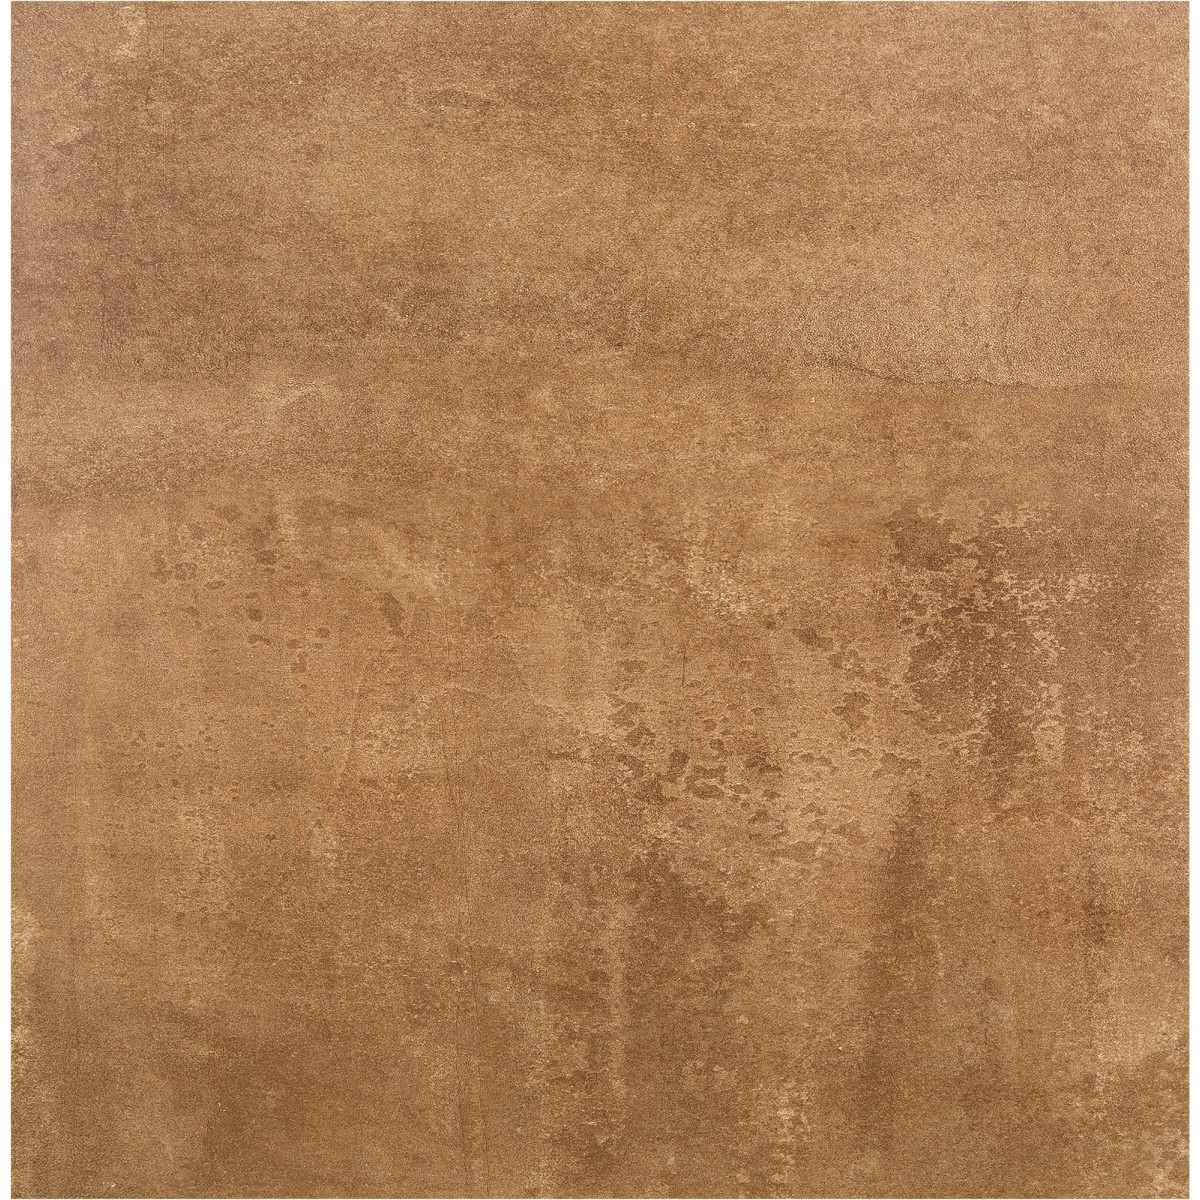 Керамогранит Bastion 40x40 см 176 м² цвет тёмно-бежевый